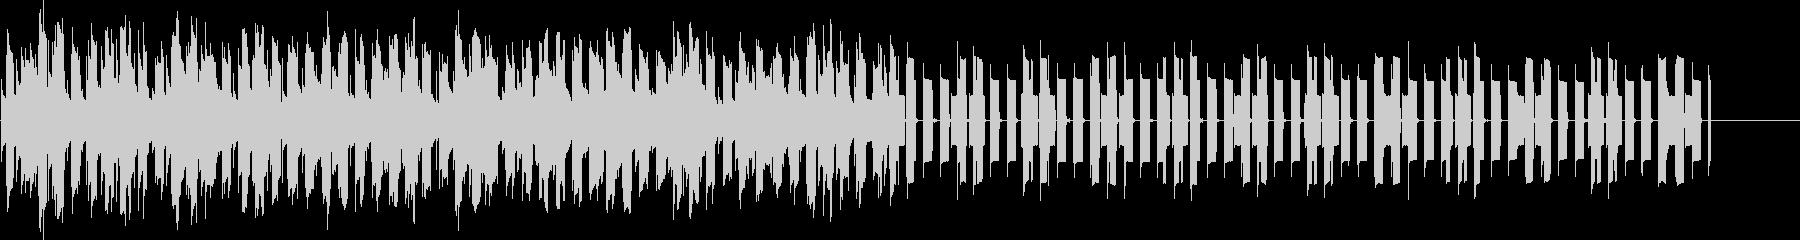 目覚まし時計のアラームベル音2の未再生の波形